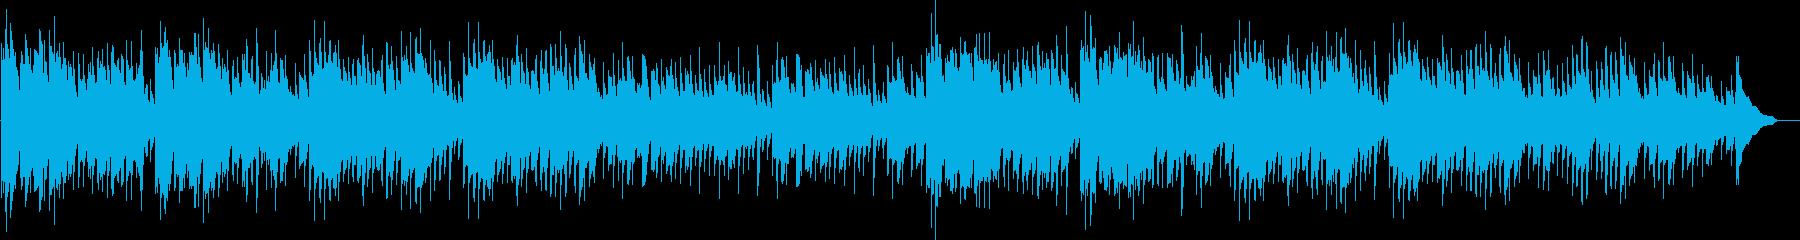 子守歌のようなリラクゼーション曲の再生済みの波形